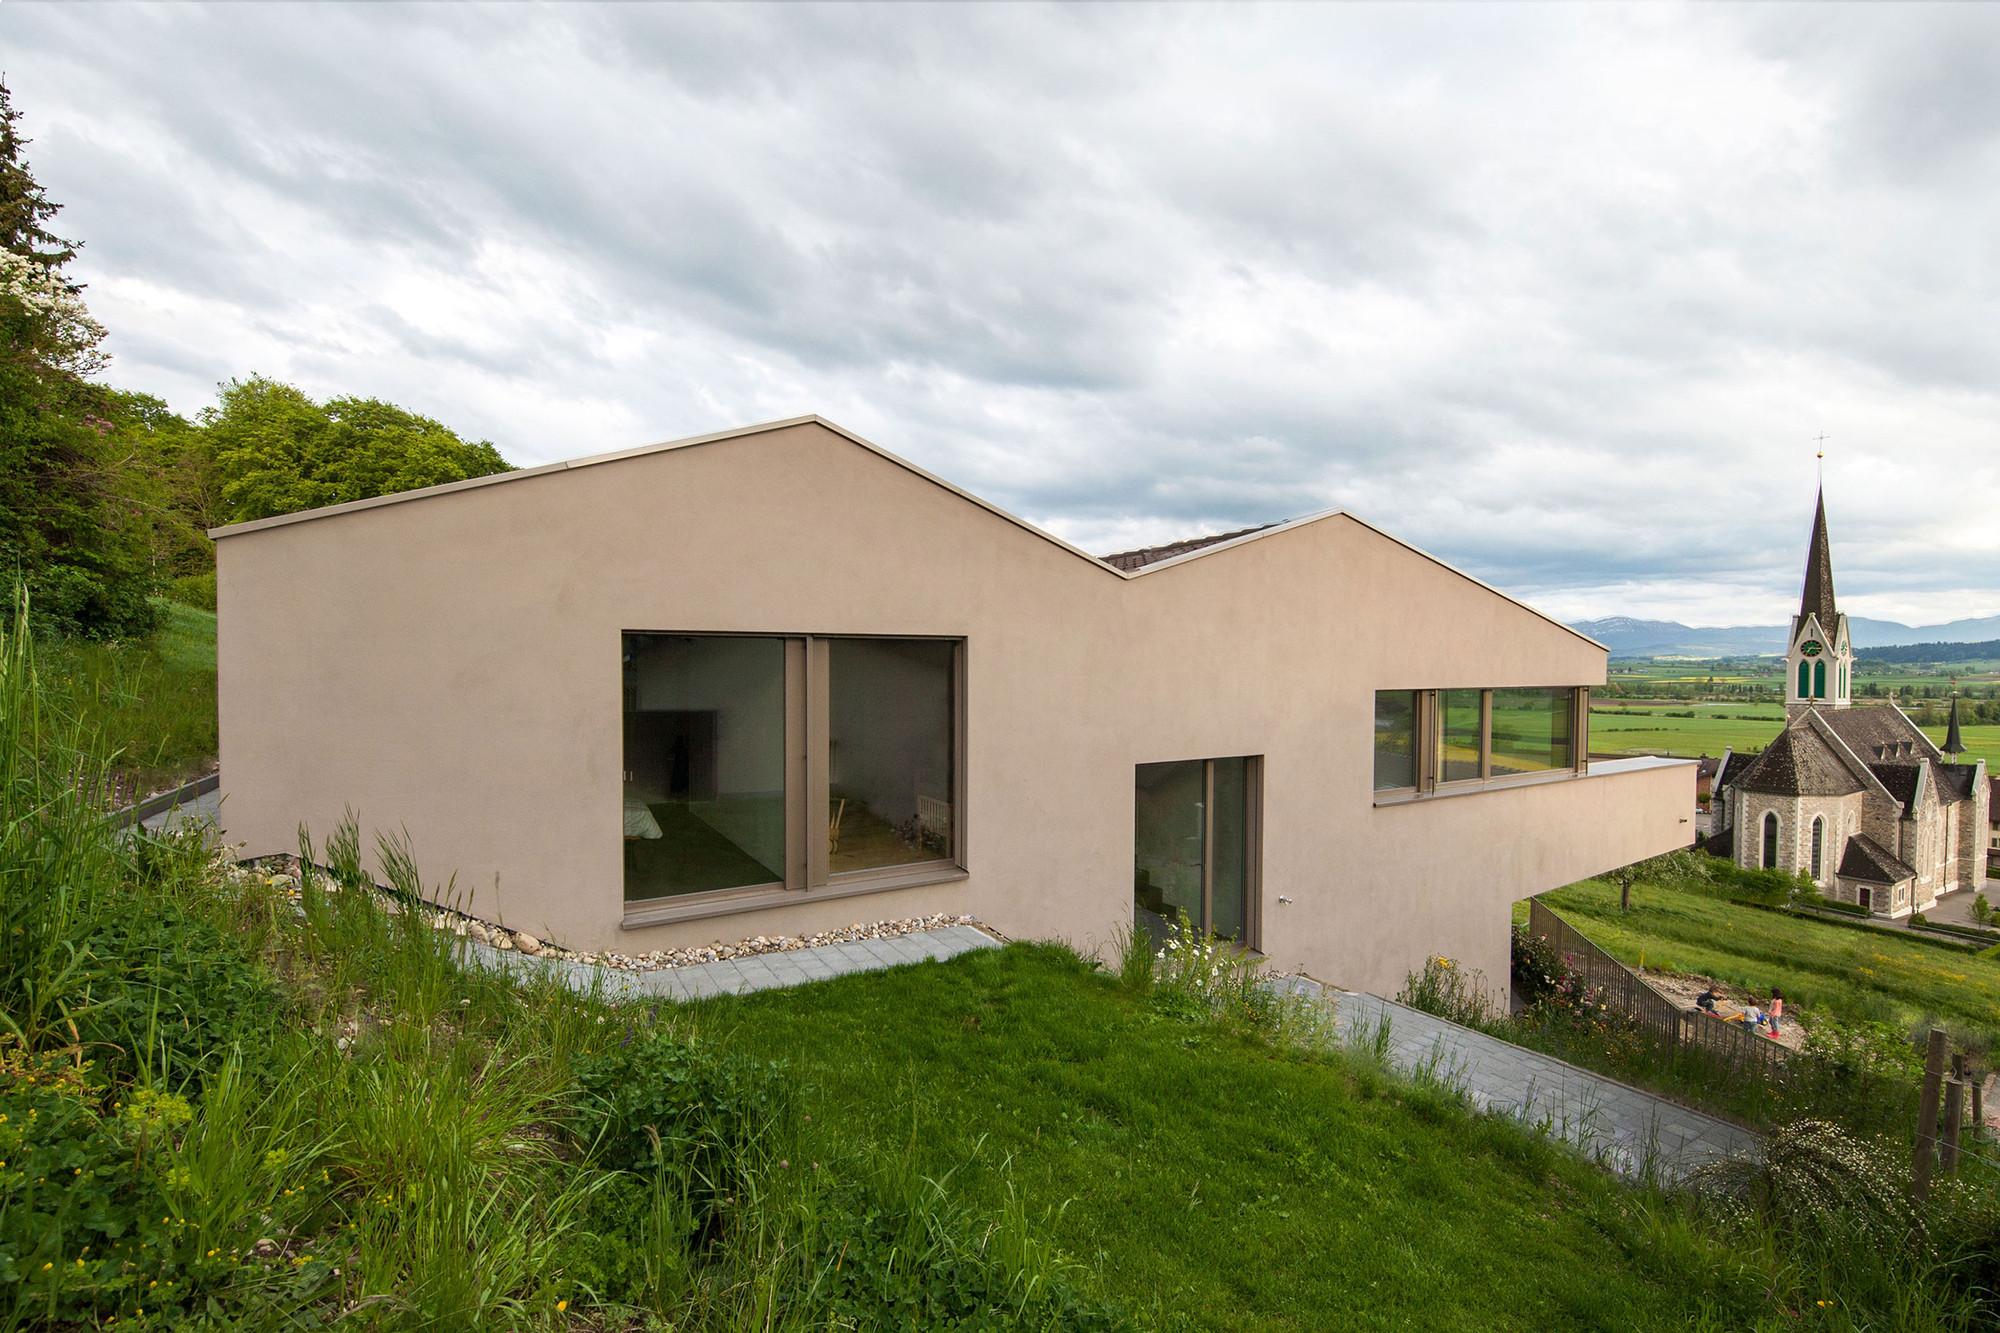 Egolzwil House / dolmus Architekten, © Aynur Turunc